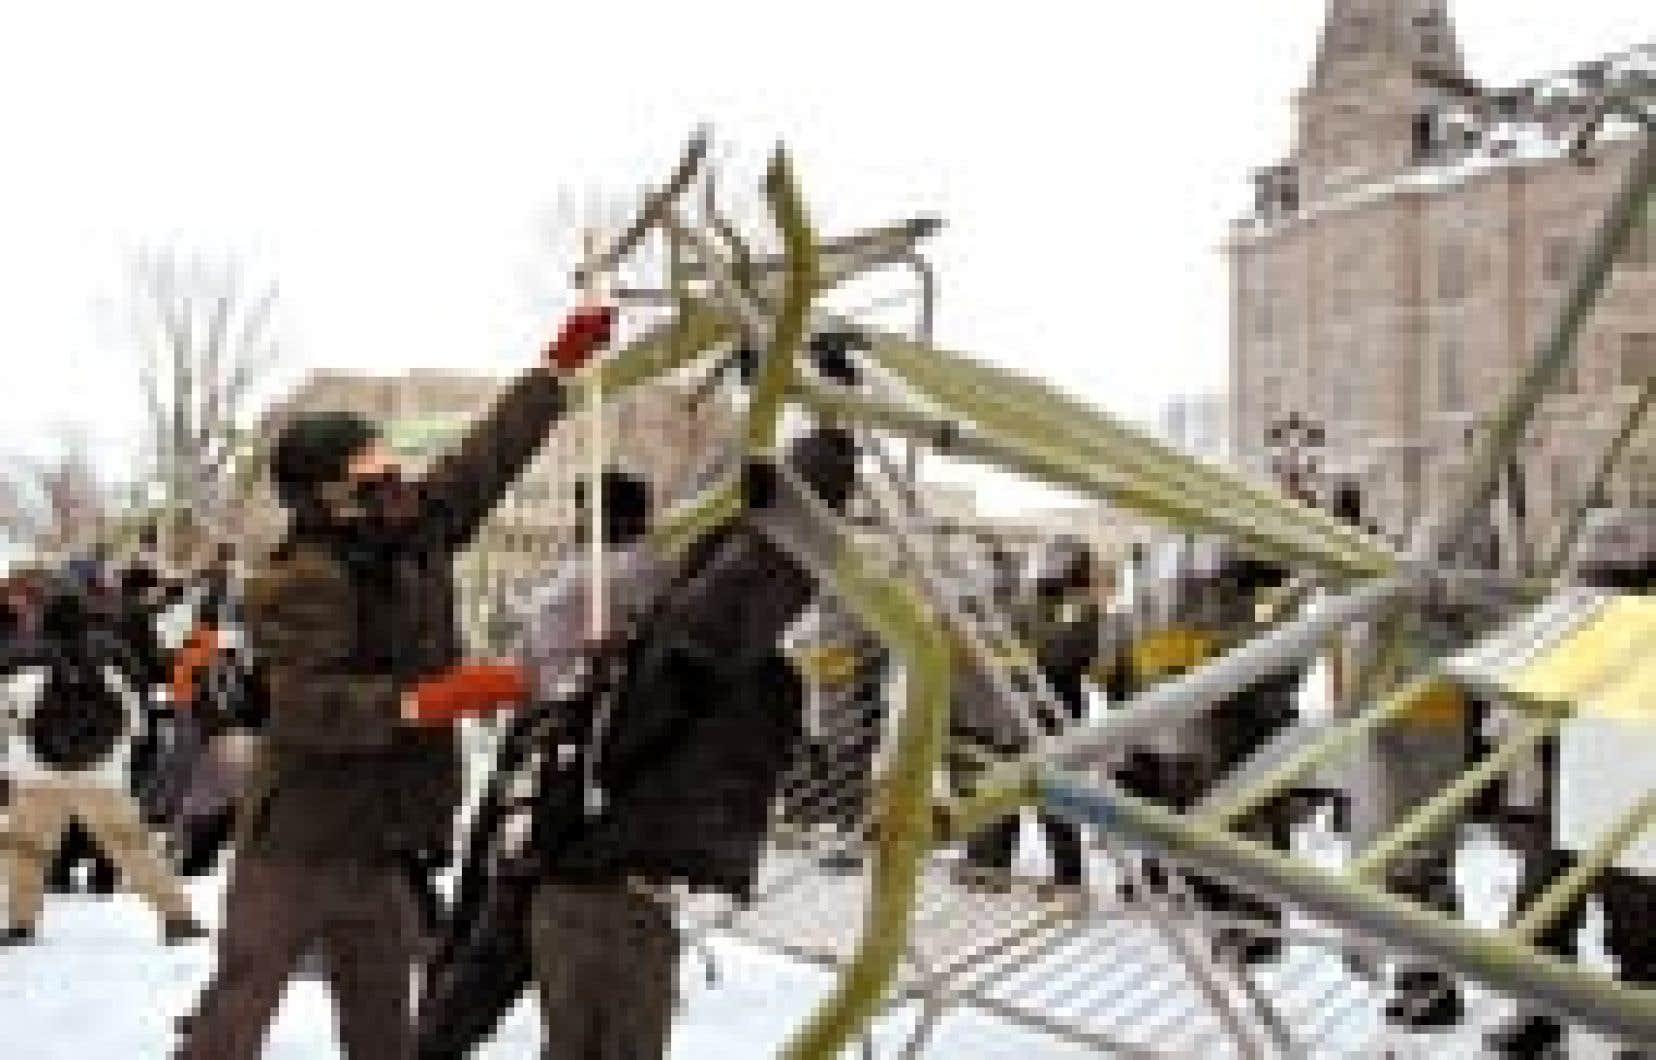 Des étudiants ont renversé une clôture de sécurité au cours d'une manifestation en faveur de la gratuité scolaire, hier, sur la colline parlementaire, à Québec. — Photo: Louise Leblanc